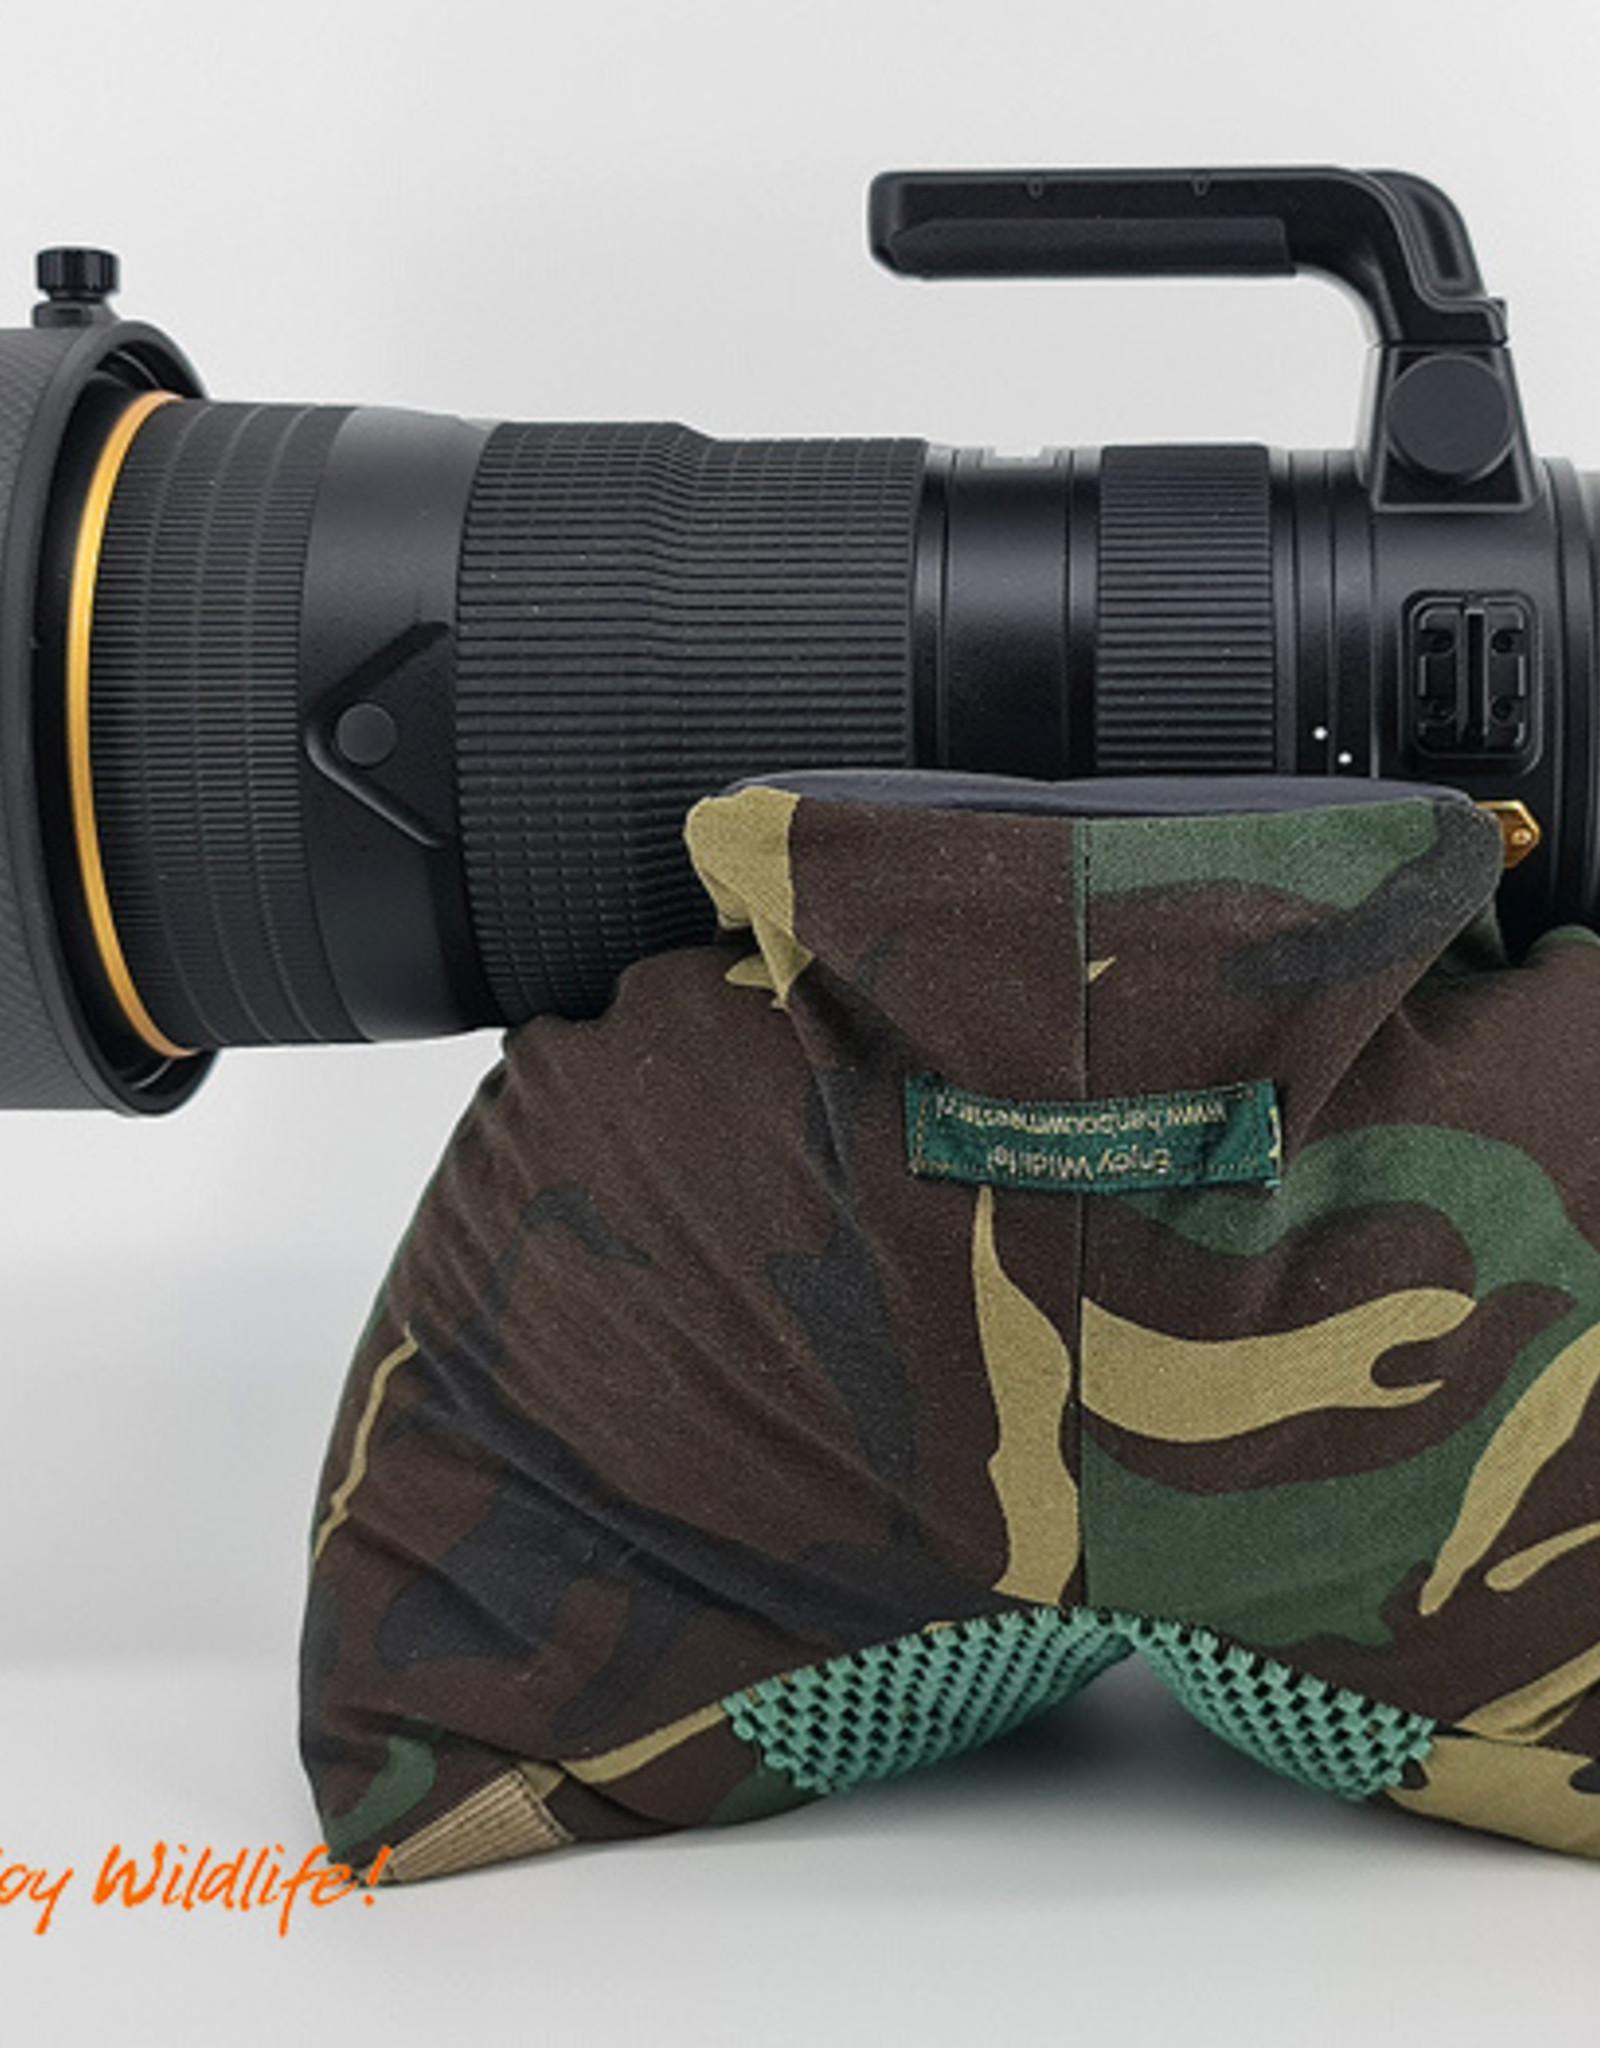 HBN - Enjoy Wildlife! HBN Bohnensack - Kurze Hosen Modell II